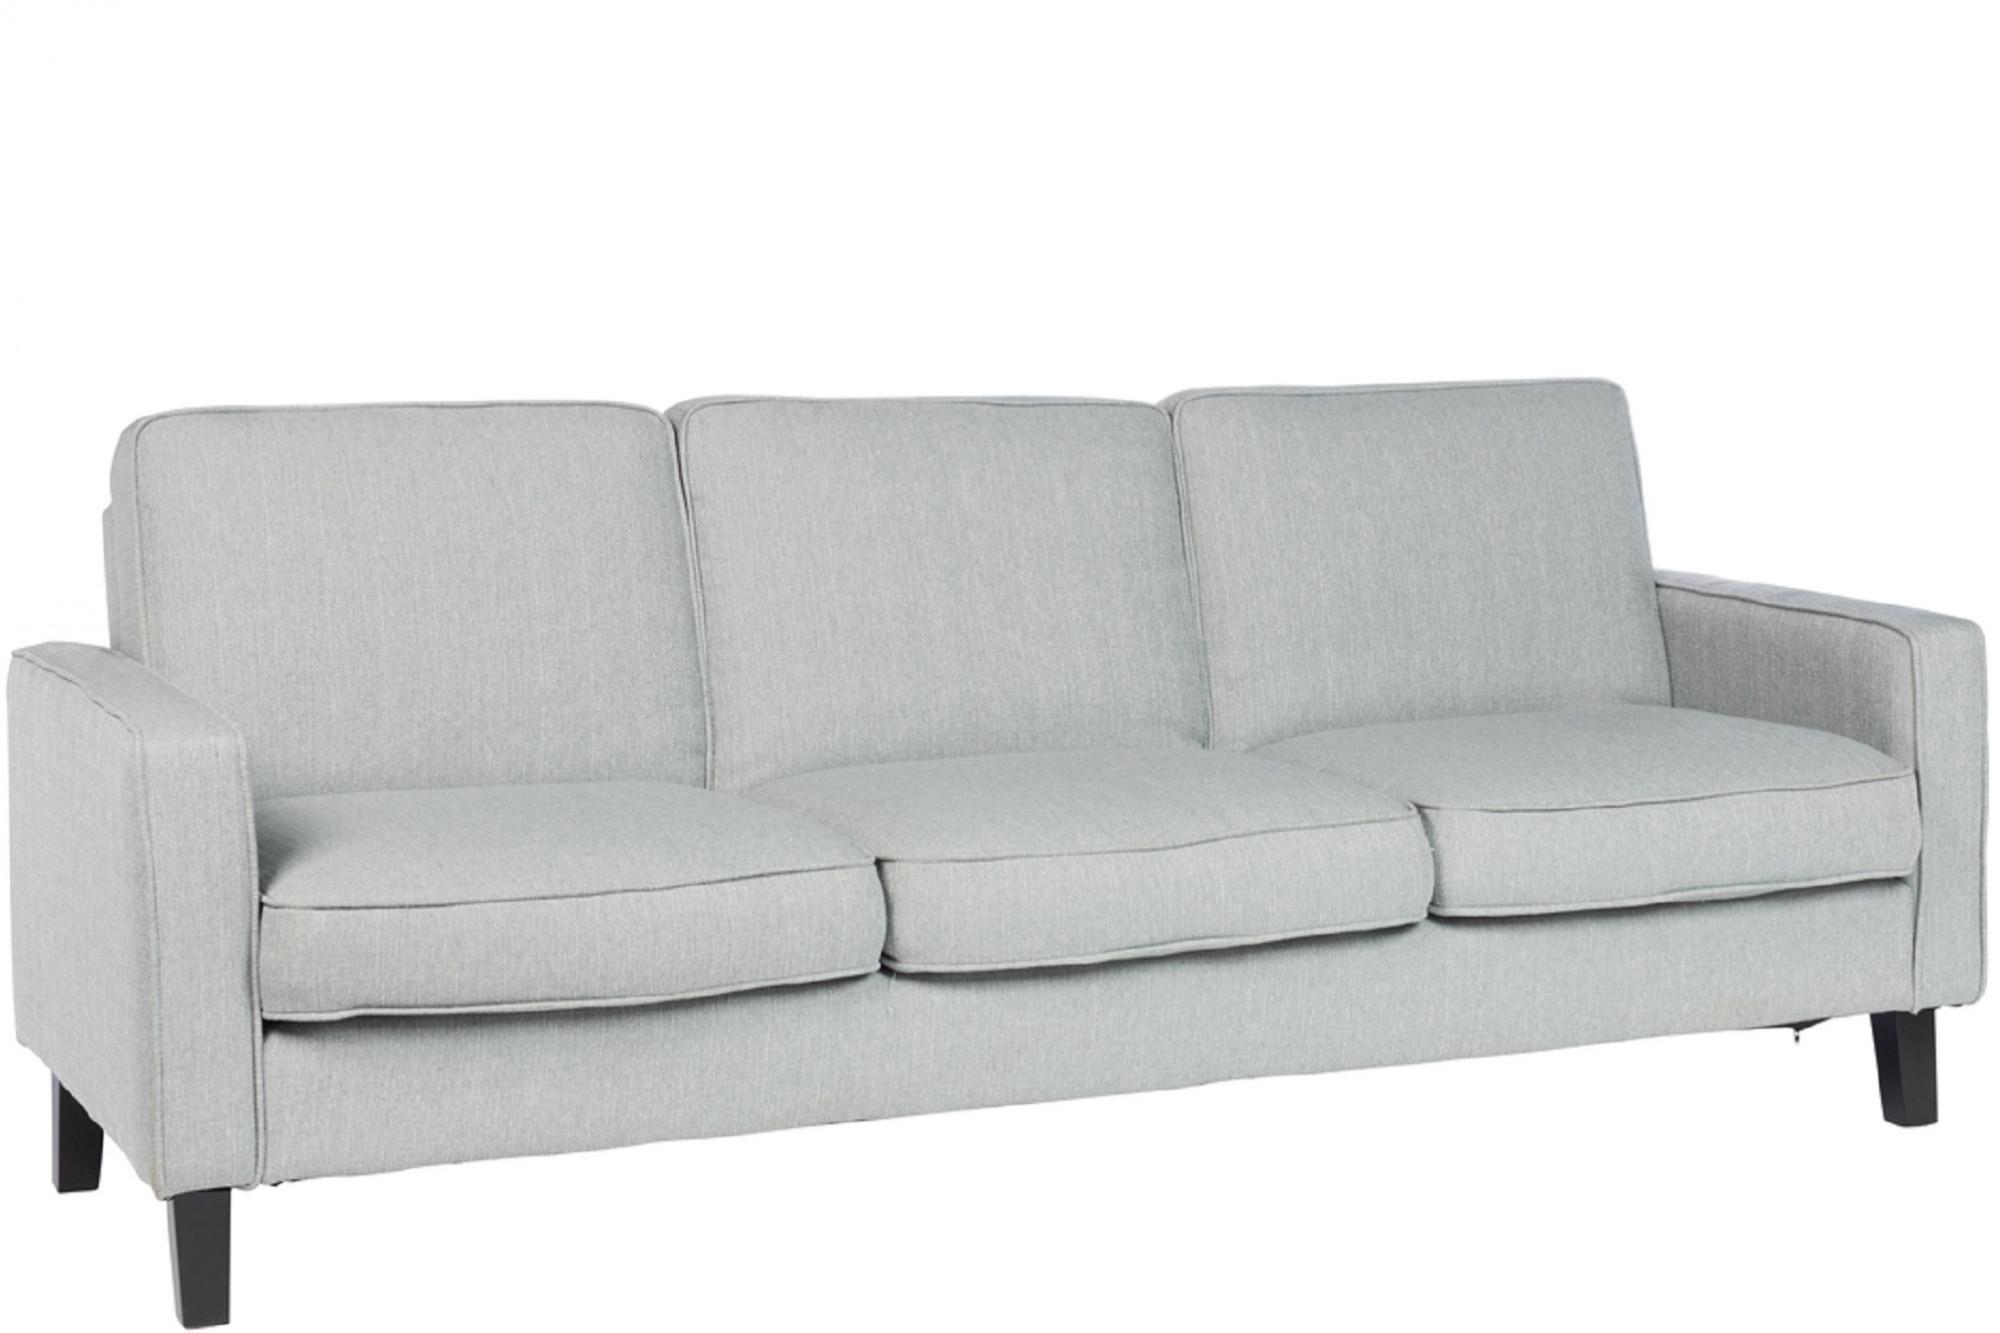 Canapé Convertible Gris 3 Places - Hellin serapportantà Canape Convertible Tres Confortable